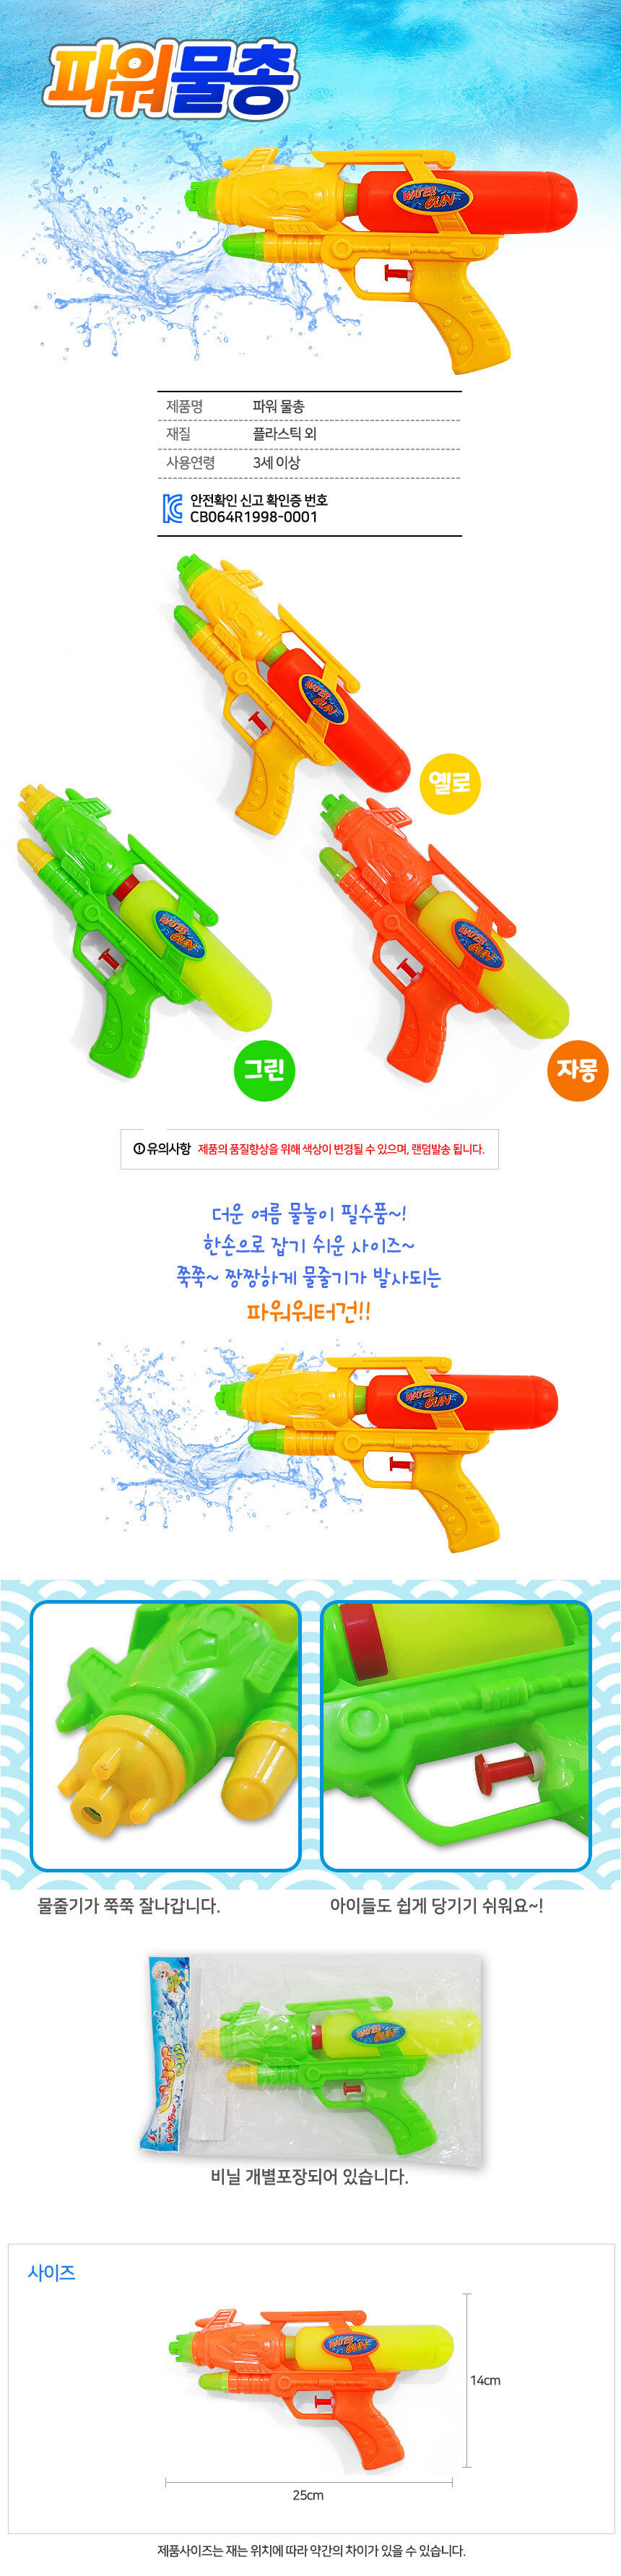 sponge_gun_15.jpg